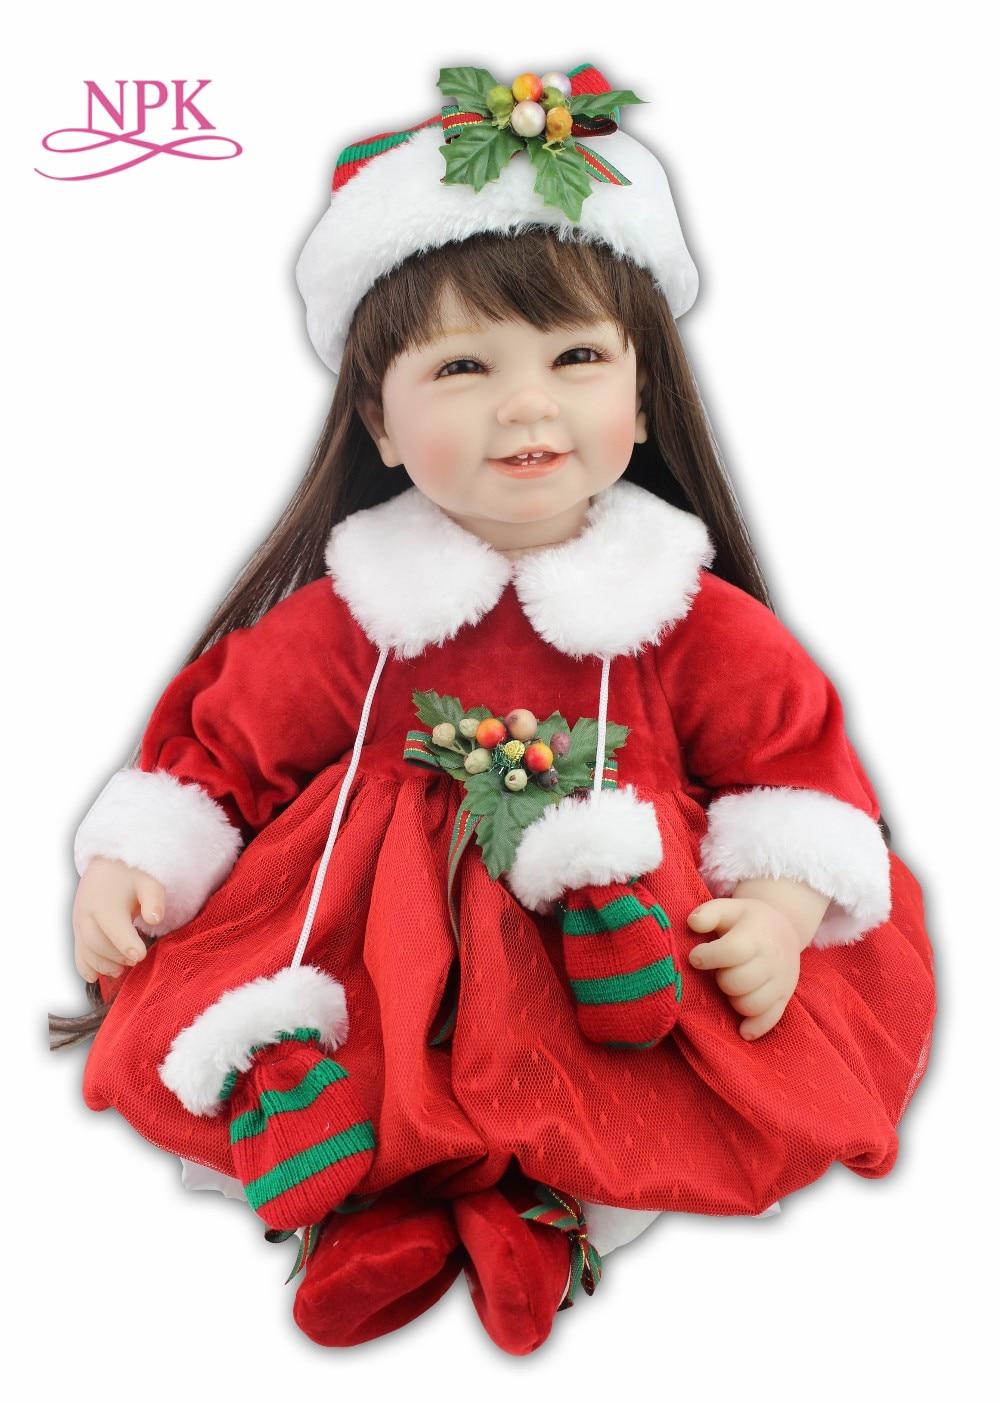 NPK Реалистичного reborn малышей Кукла с Рождеством шляпу и красная юбка кукла подарок девушки 2017 Новый дизайн горячая распродажа